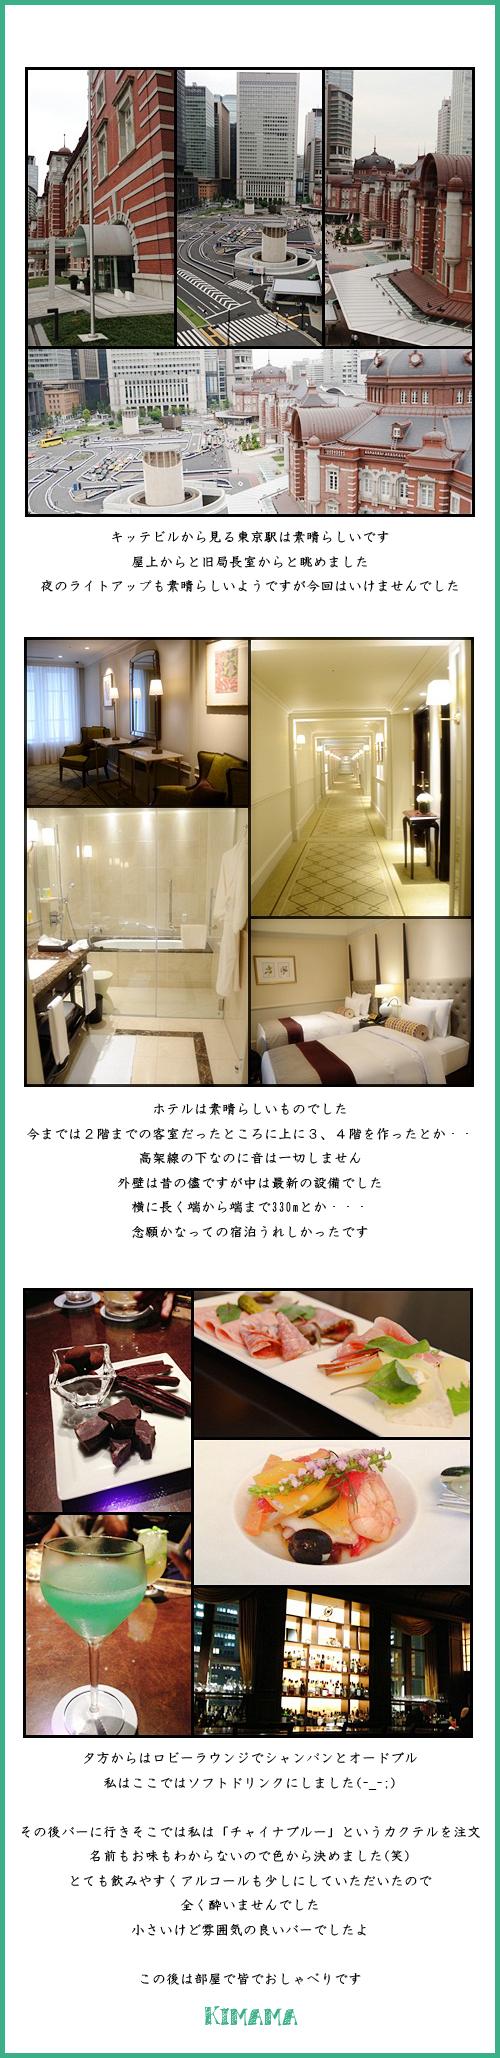 8月29日東京ステーションホテル2